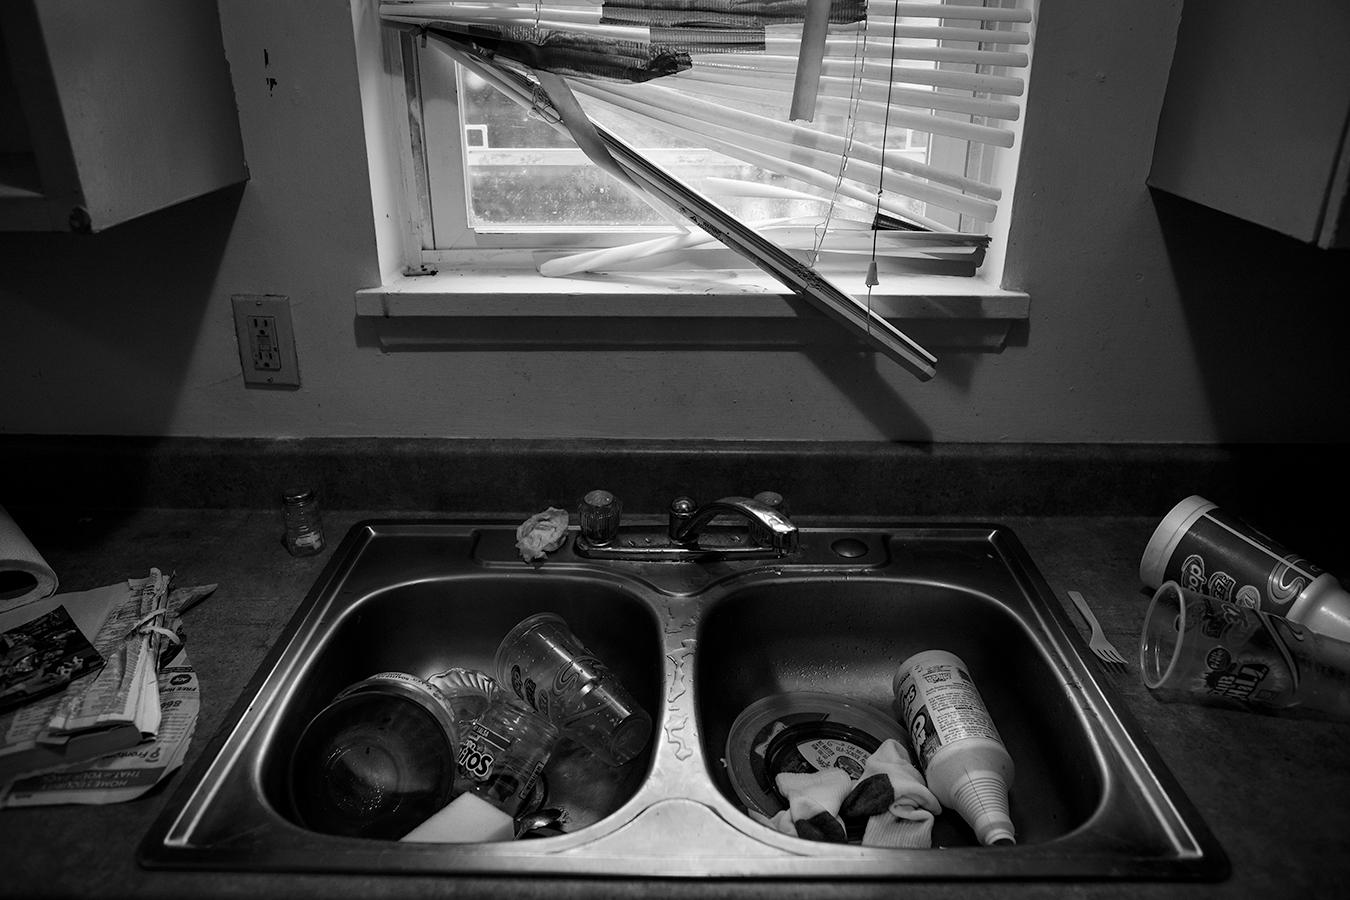 Broken blinds above a garbage-filled sink.